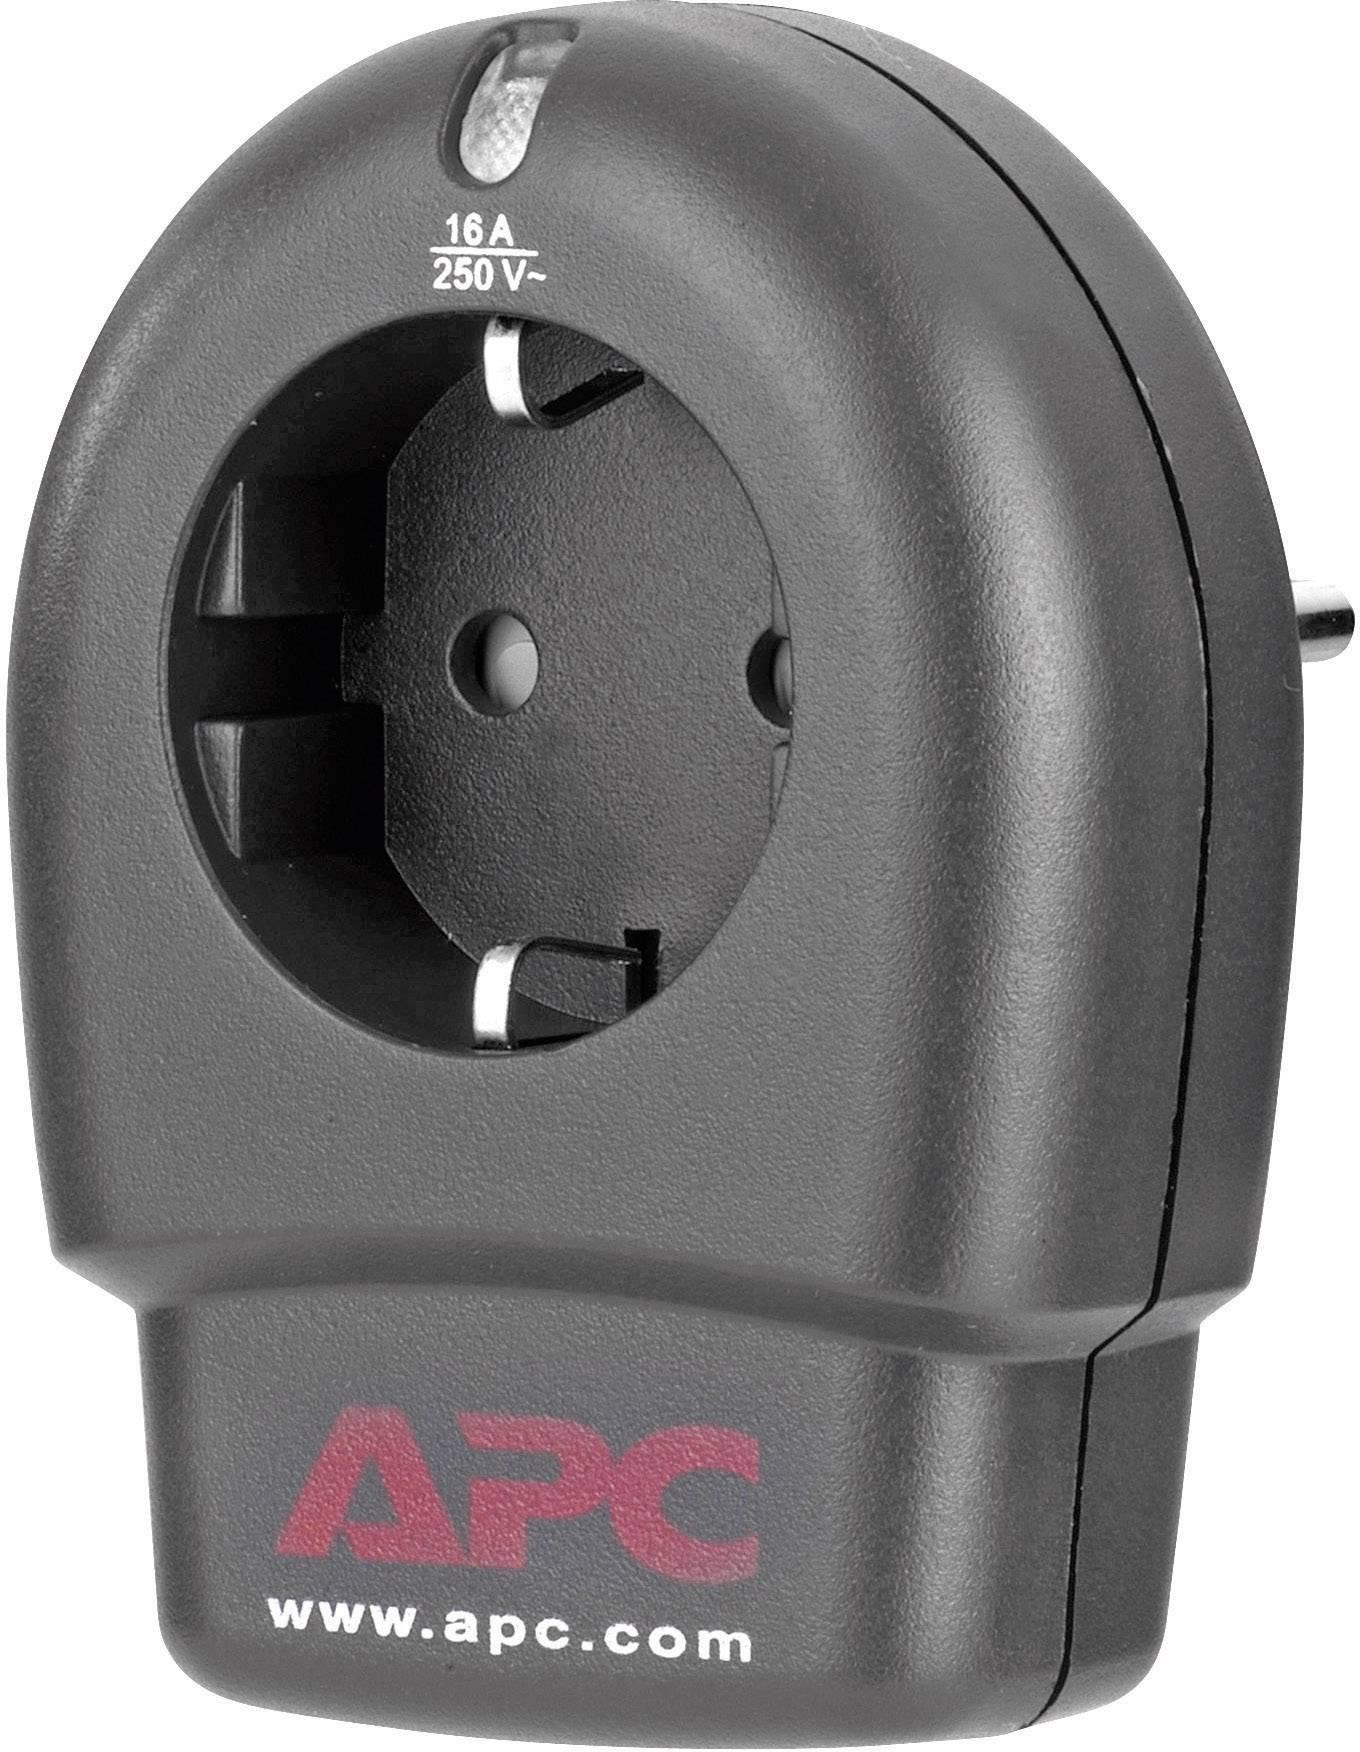 Mezizásuvka s přepěťovou ochranou APC 1406762, RJ11 tel. kabel